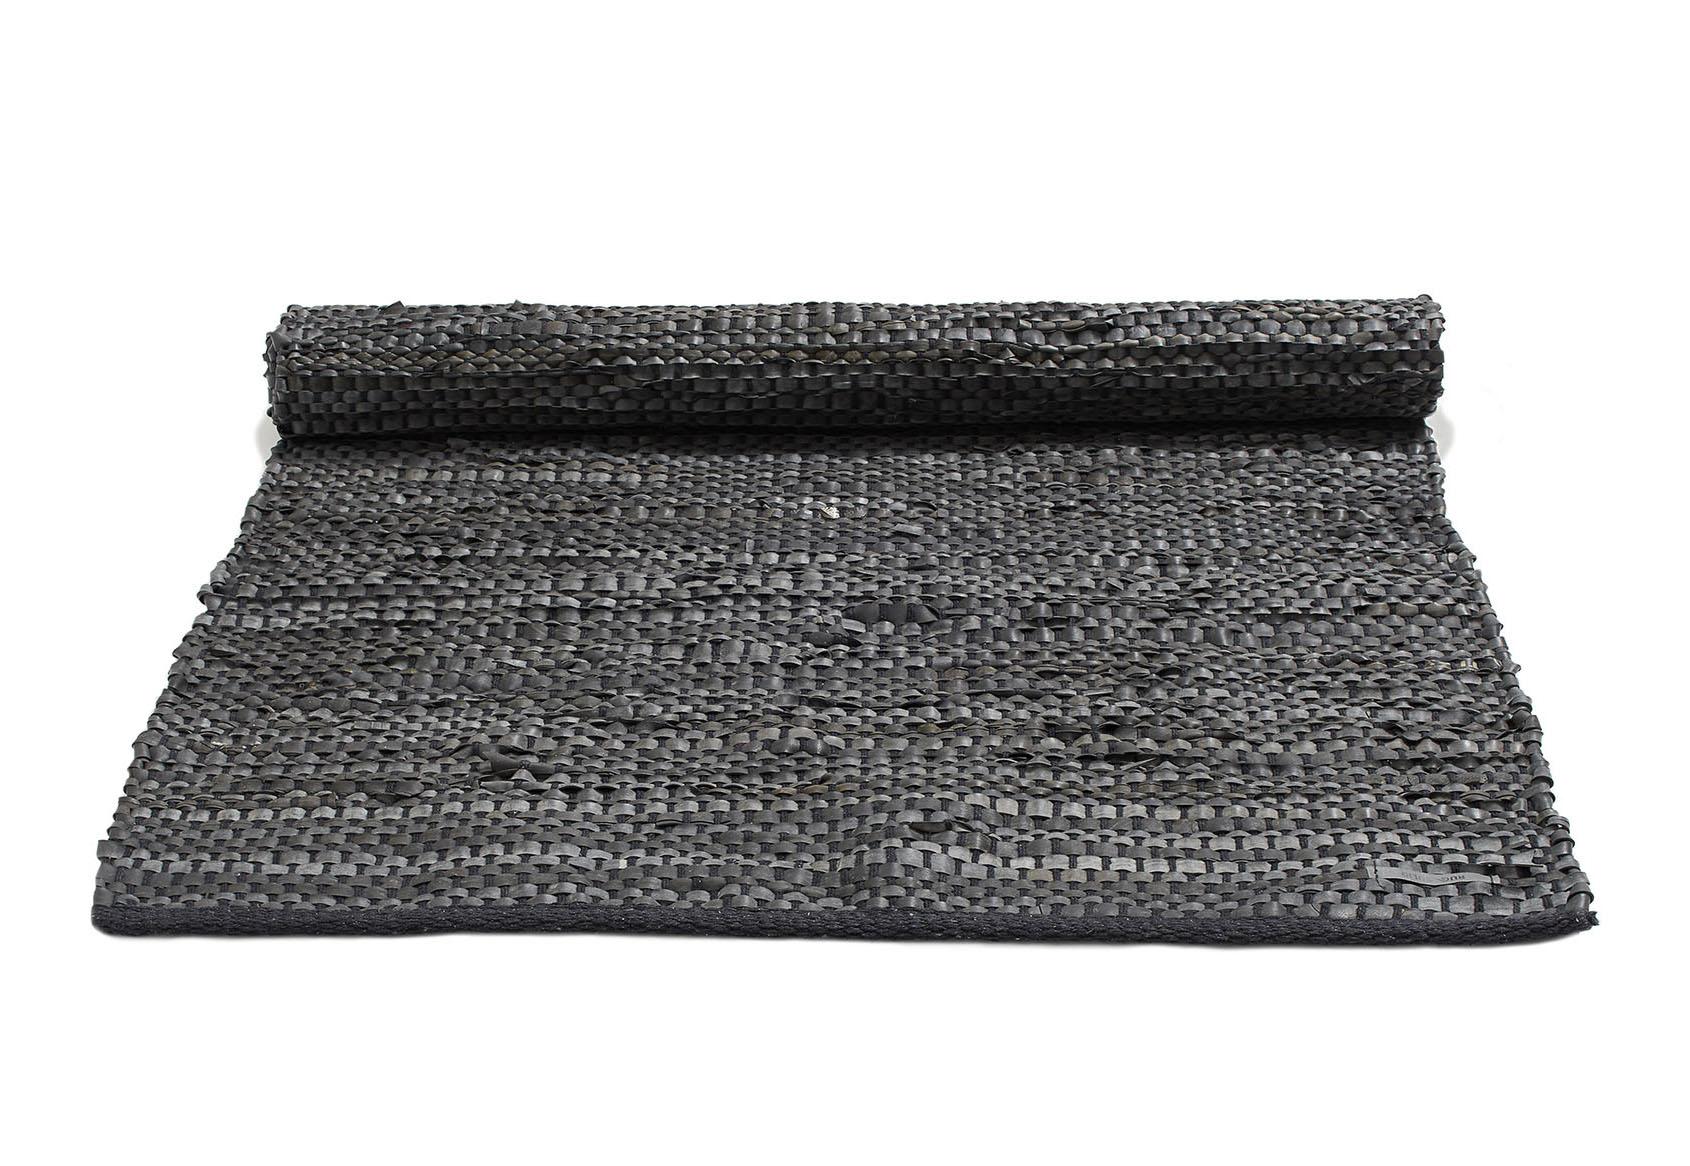 czarny dywan z dętek rowerowych z recyklingu - Bicycle Tube Black 0006